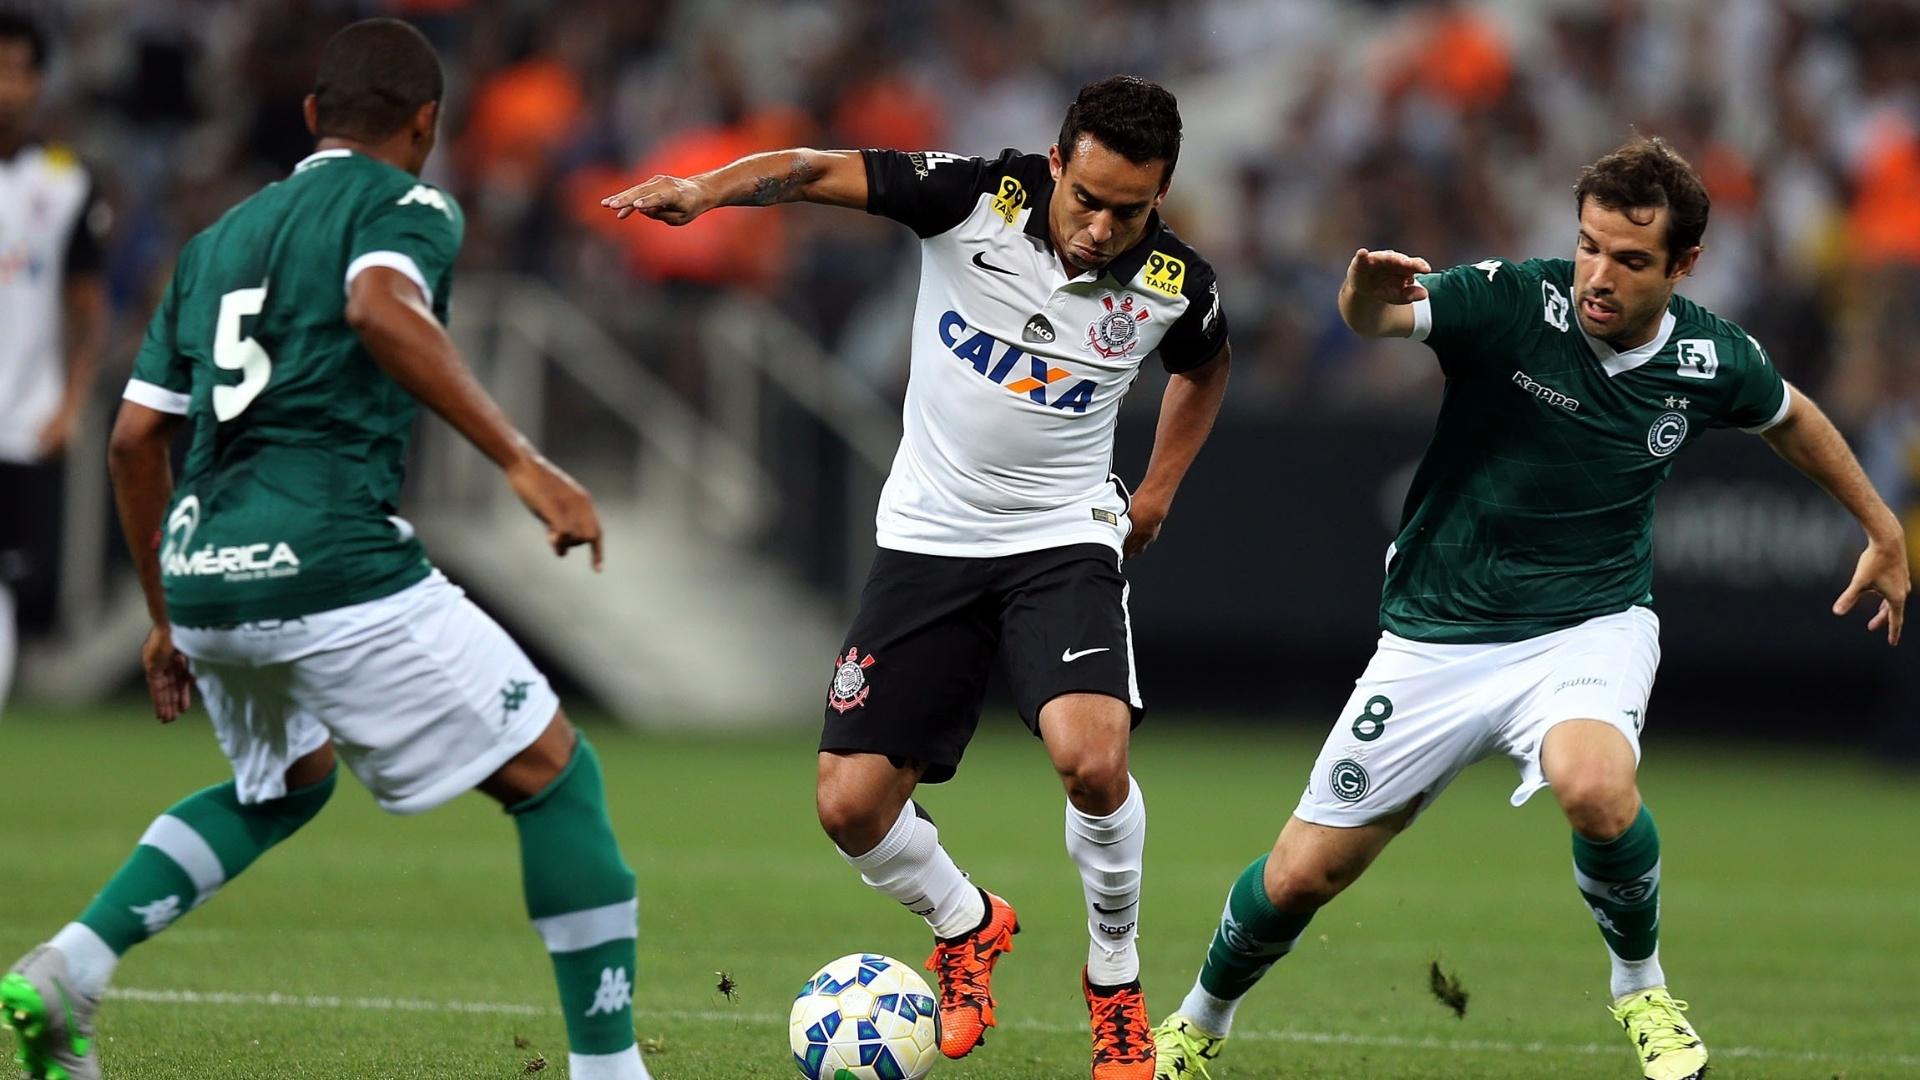 Jadson, do Corinhtians, disputa bola com jogadores do Goiás na Arena Corinthians em partida pela 30ª rodada do Campeonato Brasileiro